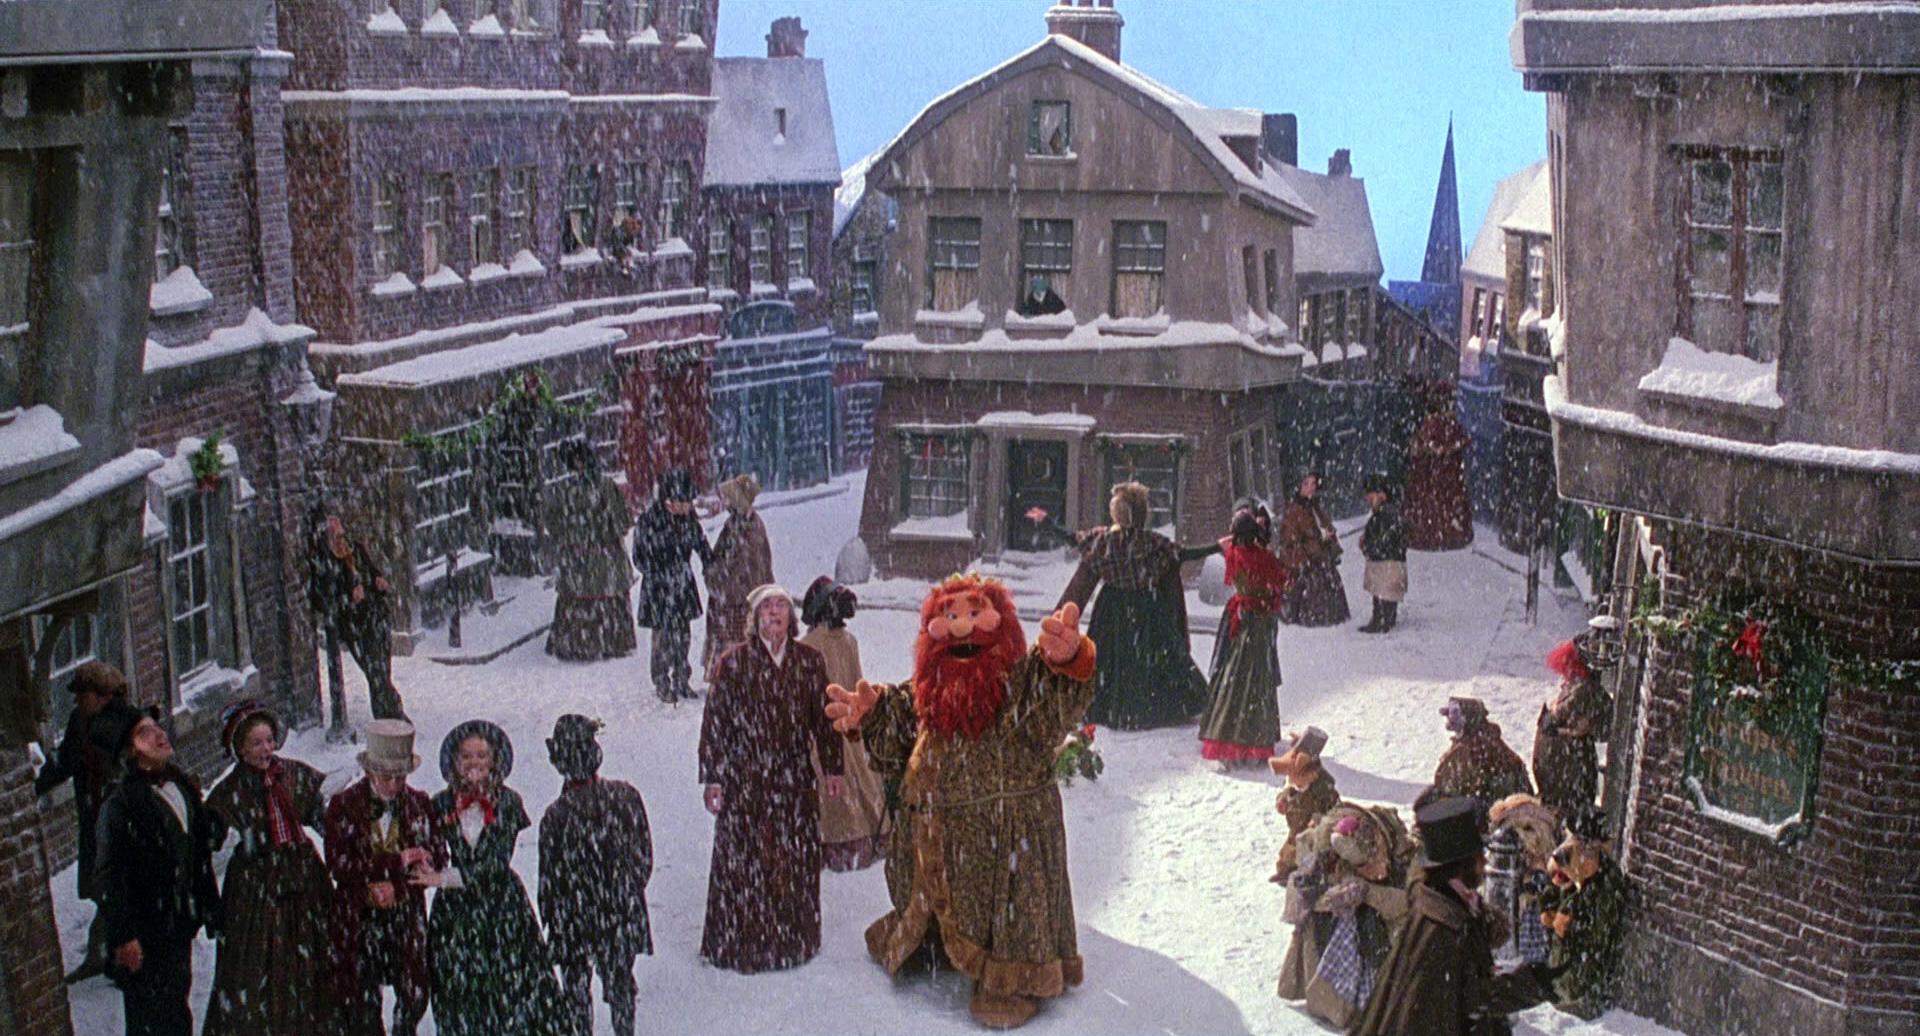 feelslikechristmas - Muppets Christmas Carol Youtube